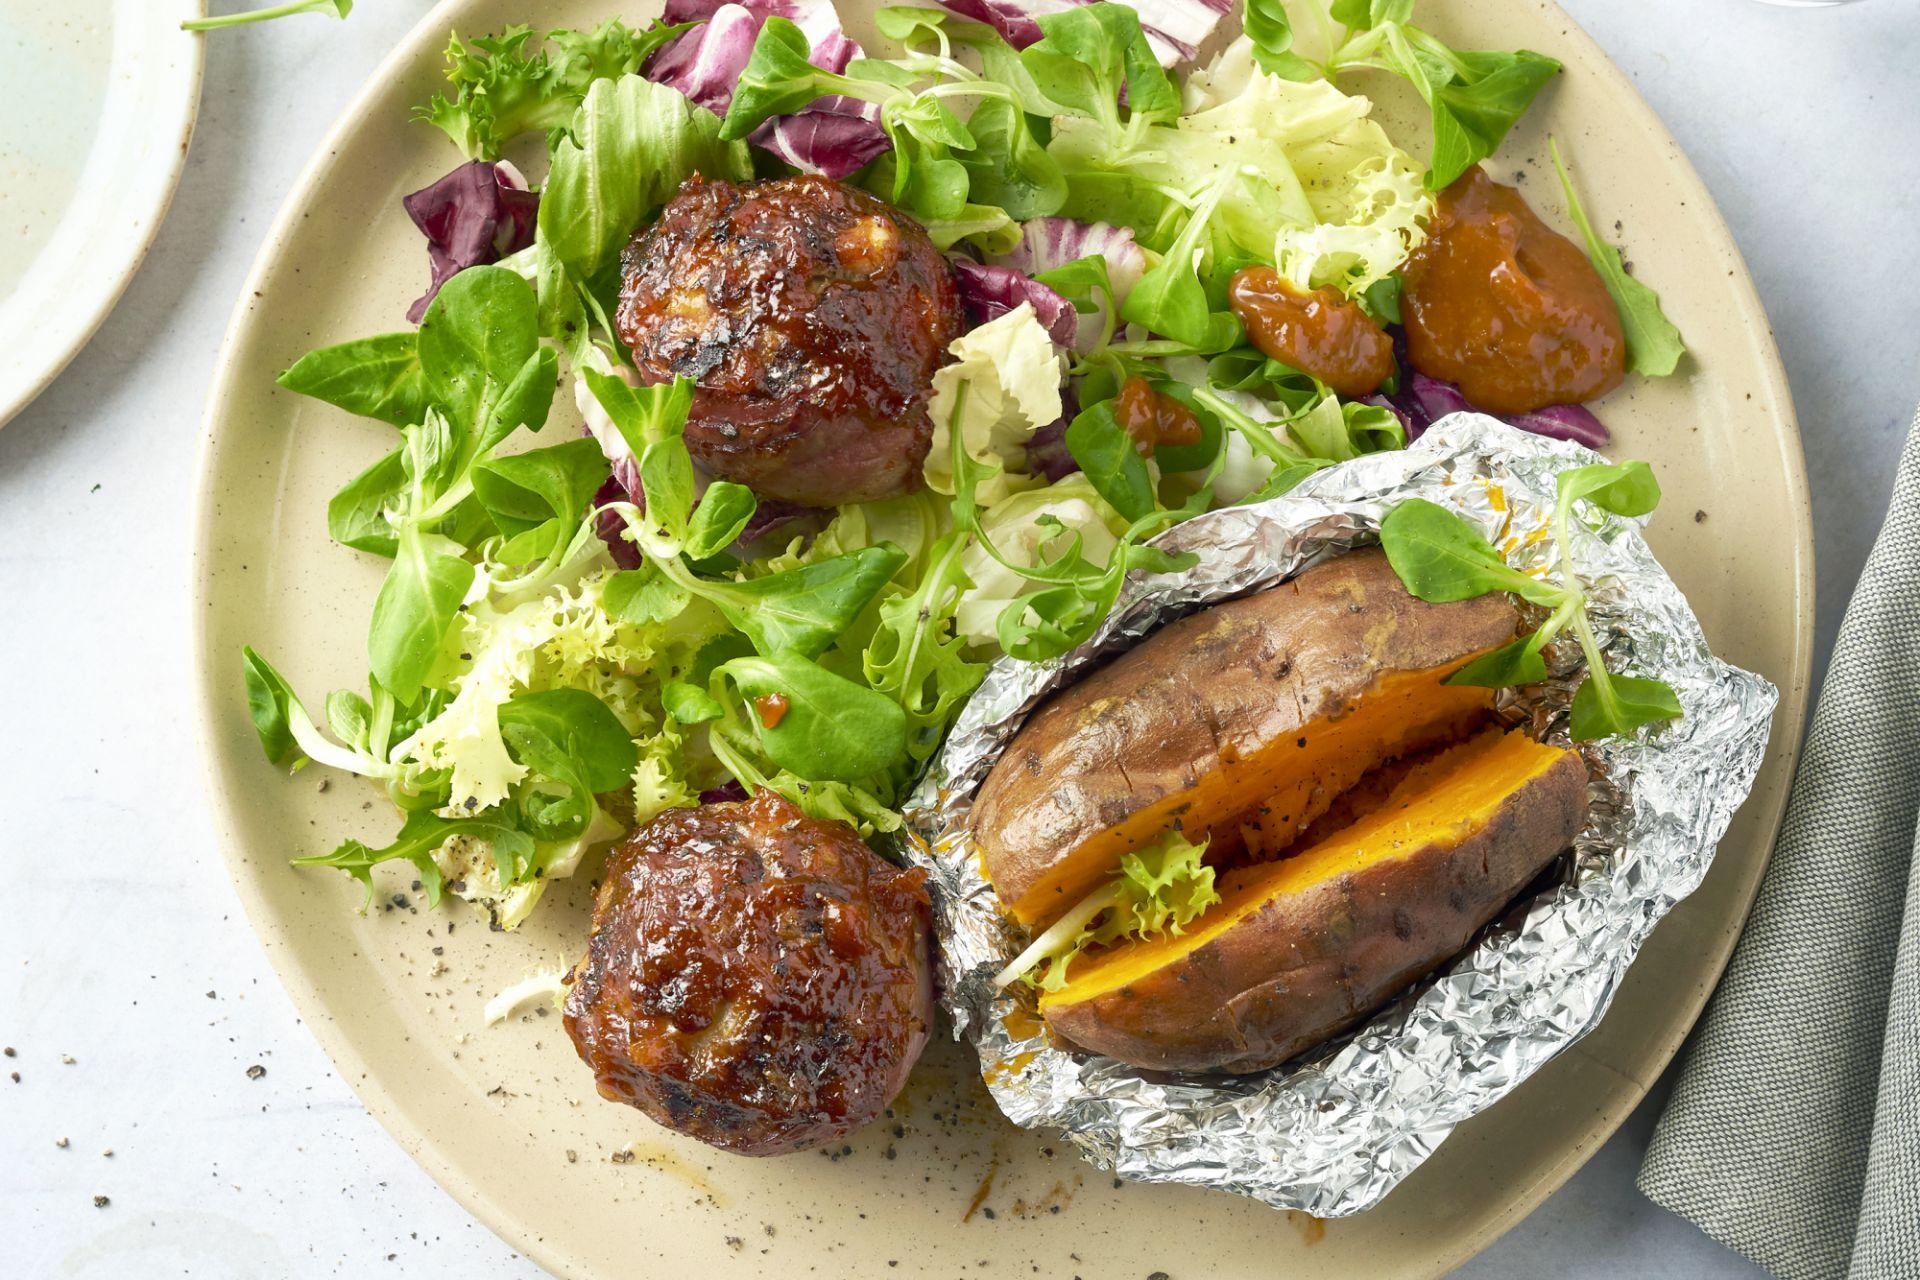 Moink balls met gepofte zoete aardappel en salade